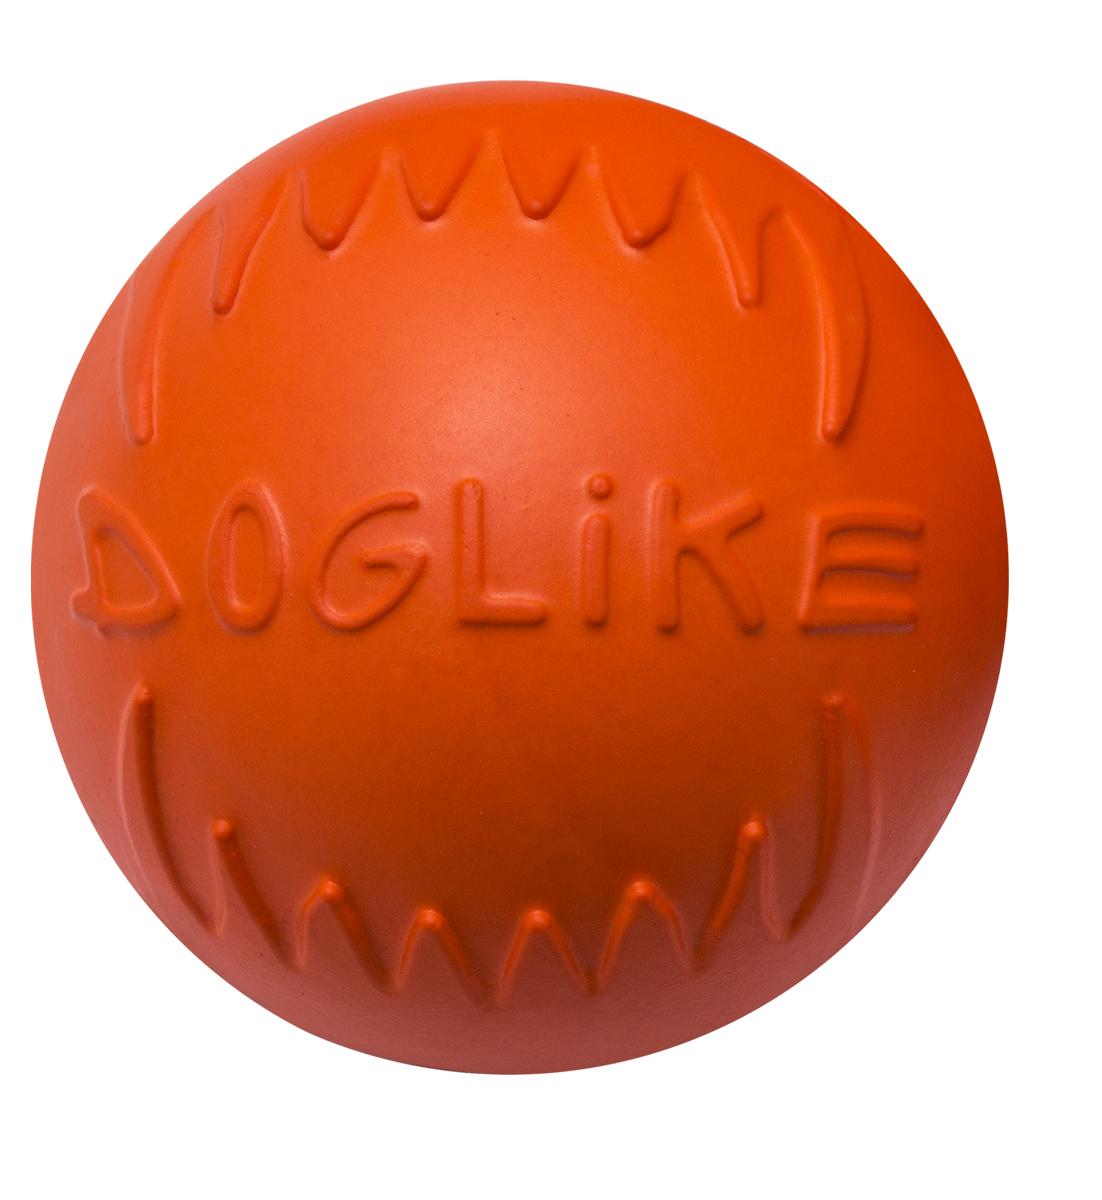 Игрушка для собак Doglike Мяч, цвет: оранжевый, диаметр 6,5 смDM-7341Игрушка Doglike Мяч выполнена из экологически чистого материала ЭВА. Он подходит для игры с маленькими породами собак. Мяч хорошо сохраняет эластичность. Безопасен для зубов и десен собаки. Мяч не тонет в воде. Диаметр: 6,5 см.